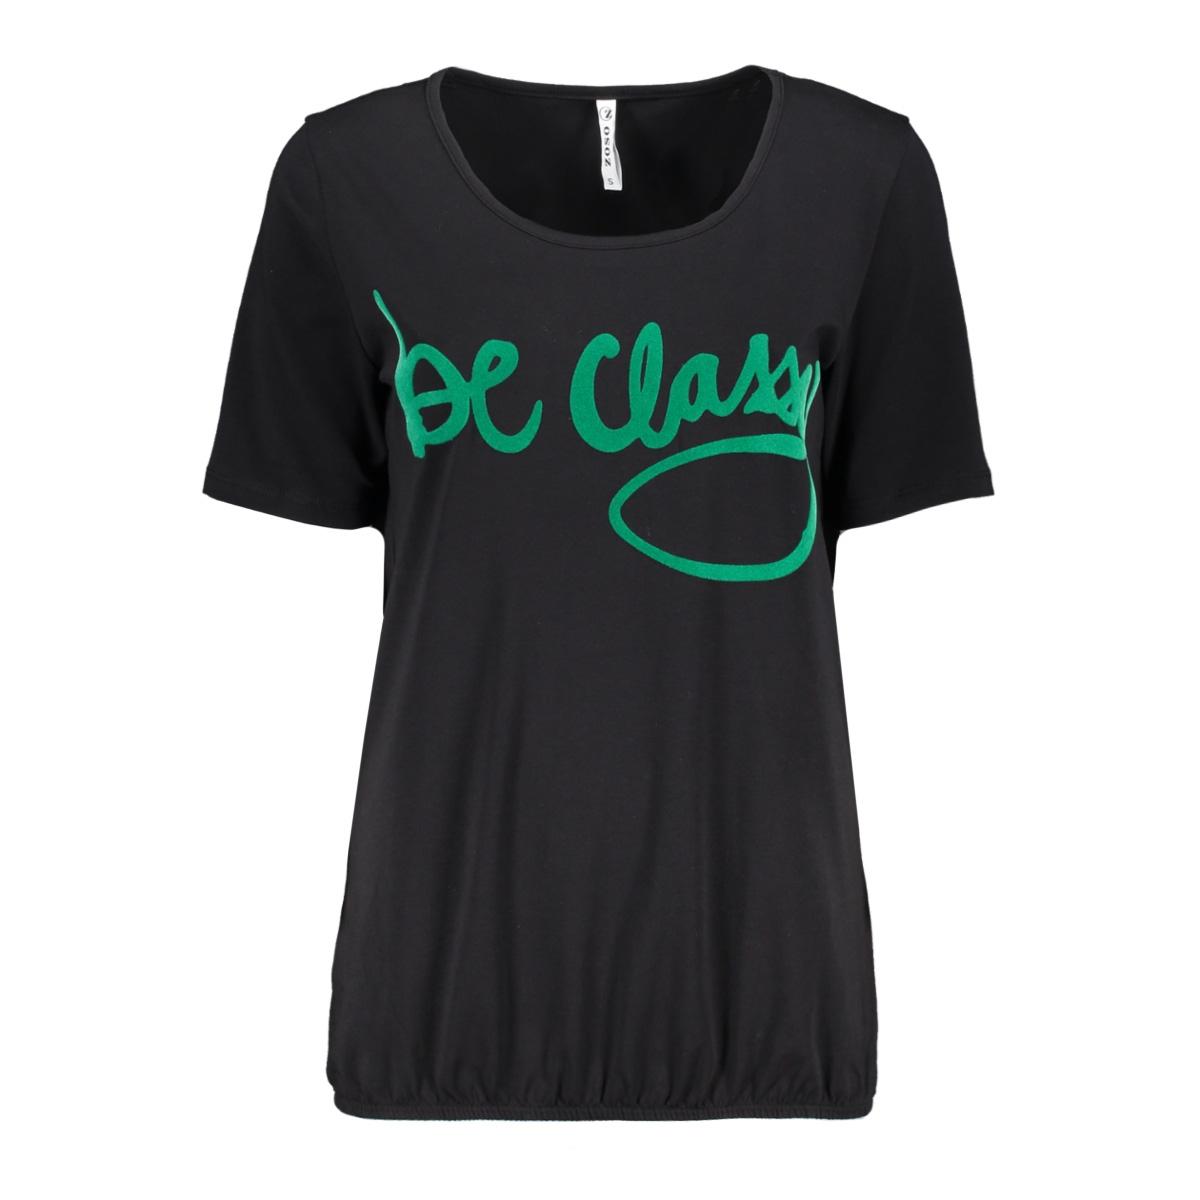 classy t shirt with flock print zoso t-shirt black/green